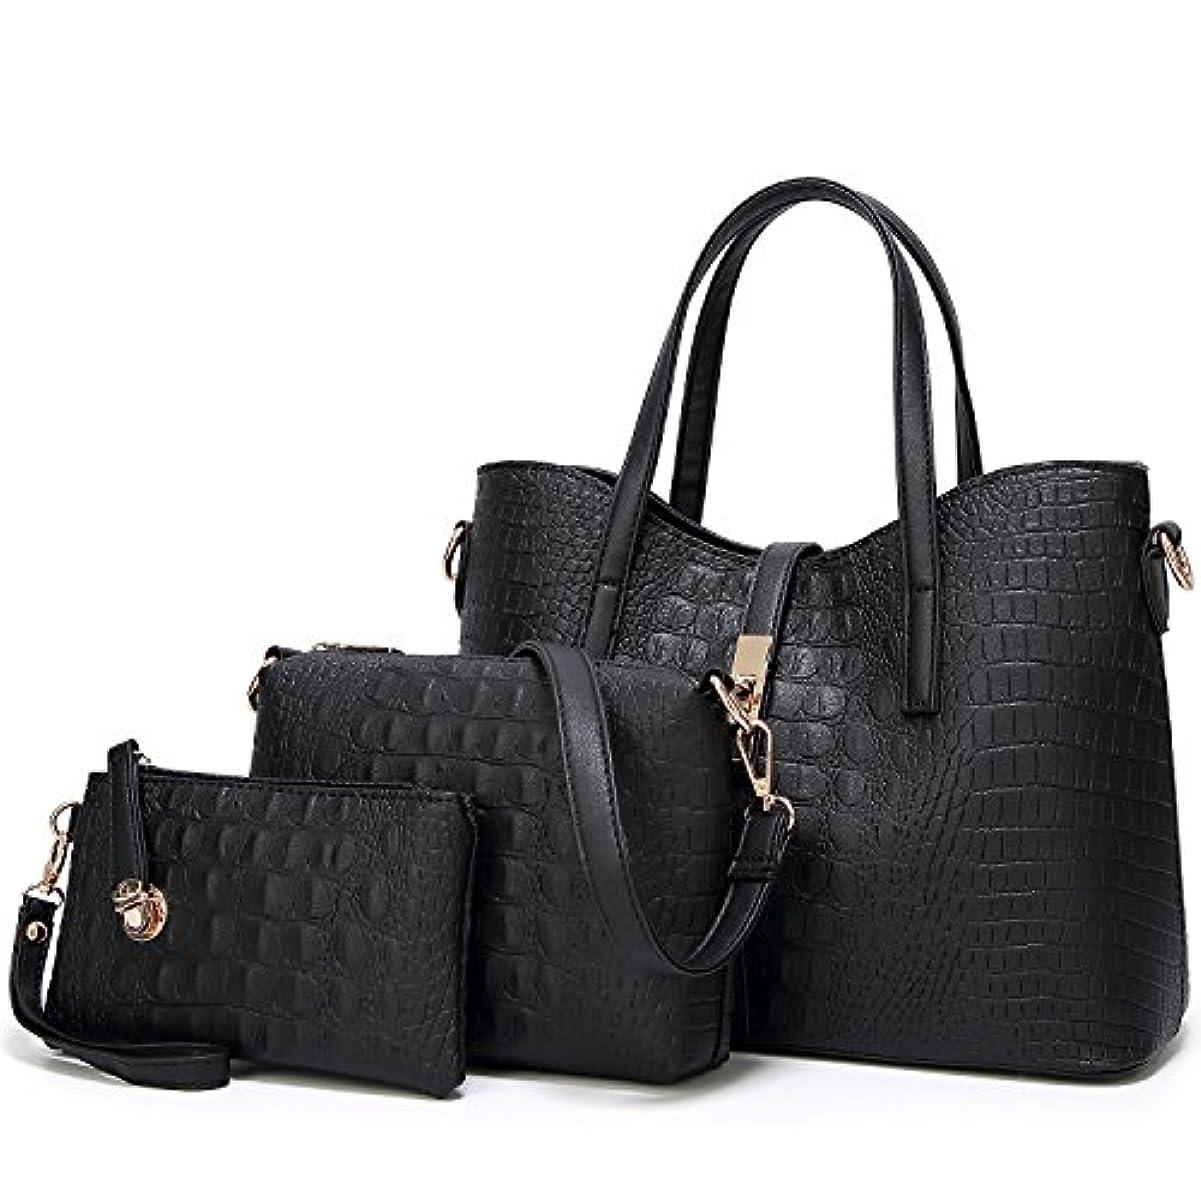 変更可能注釈住人[TcIFE] ハンドバッグ レディース トートバッグ 大容量 無地 ショルダーバッグ 2way 財布とハンドバッグ